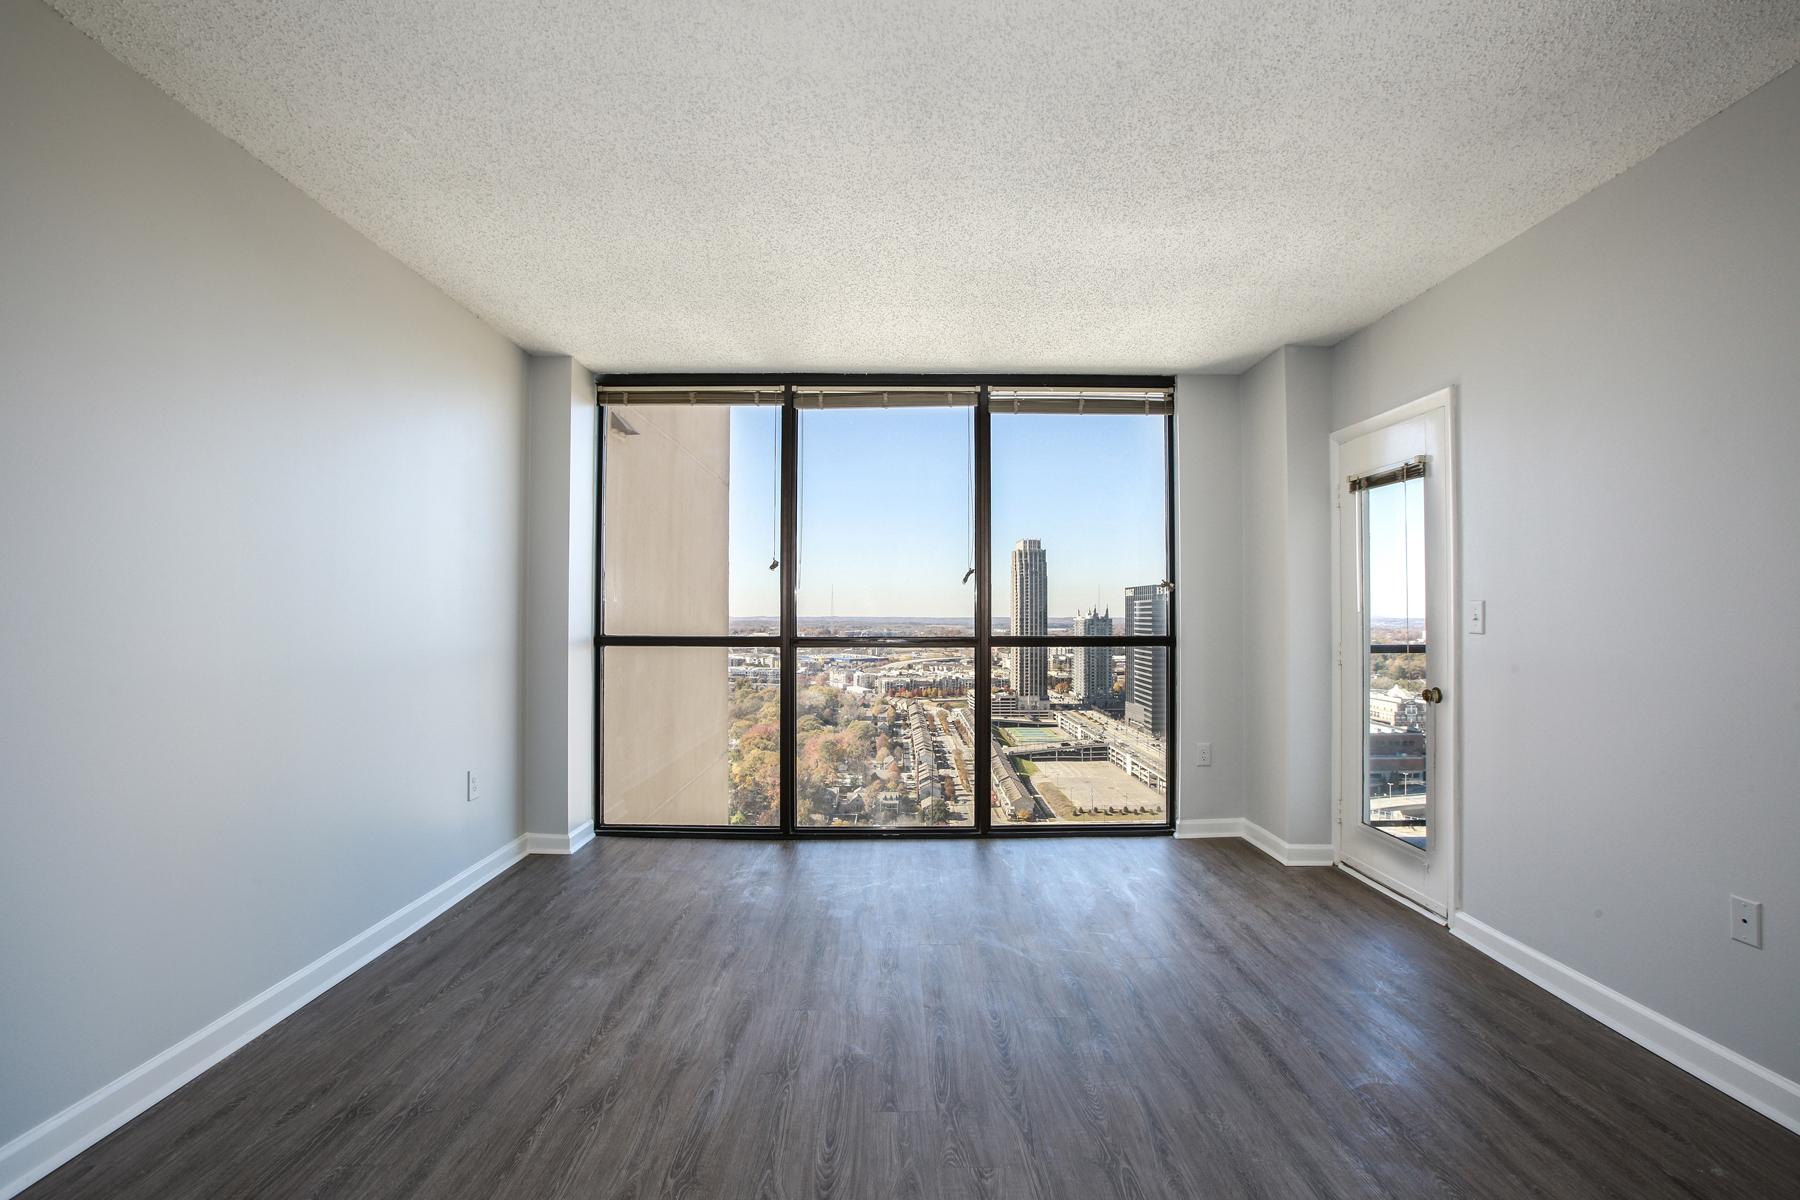 단독 가정 주택 용 매매 에 Renovated Stunner 1280 West Peachtree 3605, Atlanta, 조지아, 30309 미국